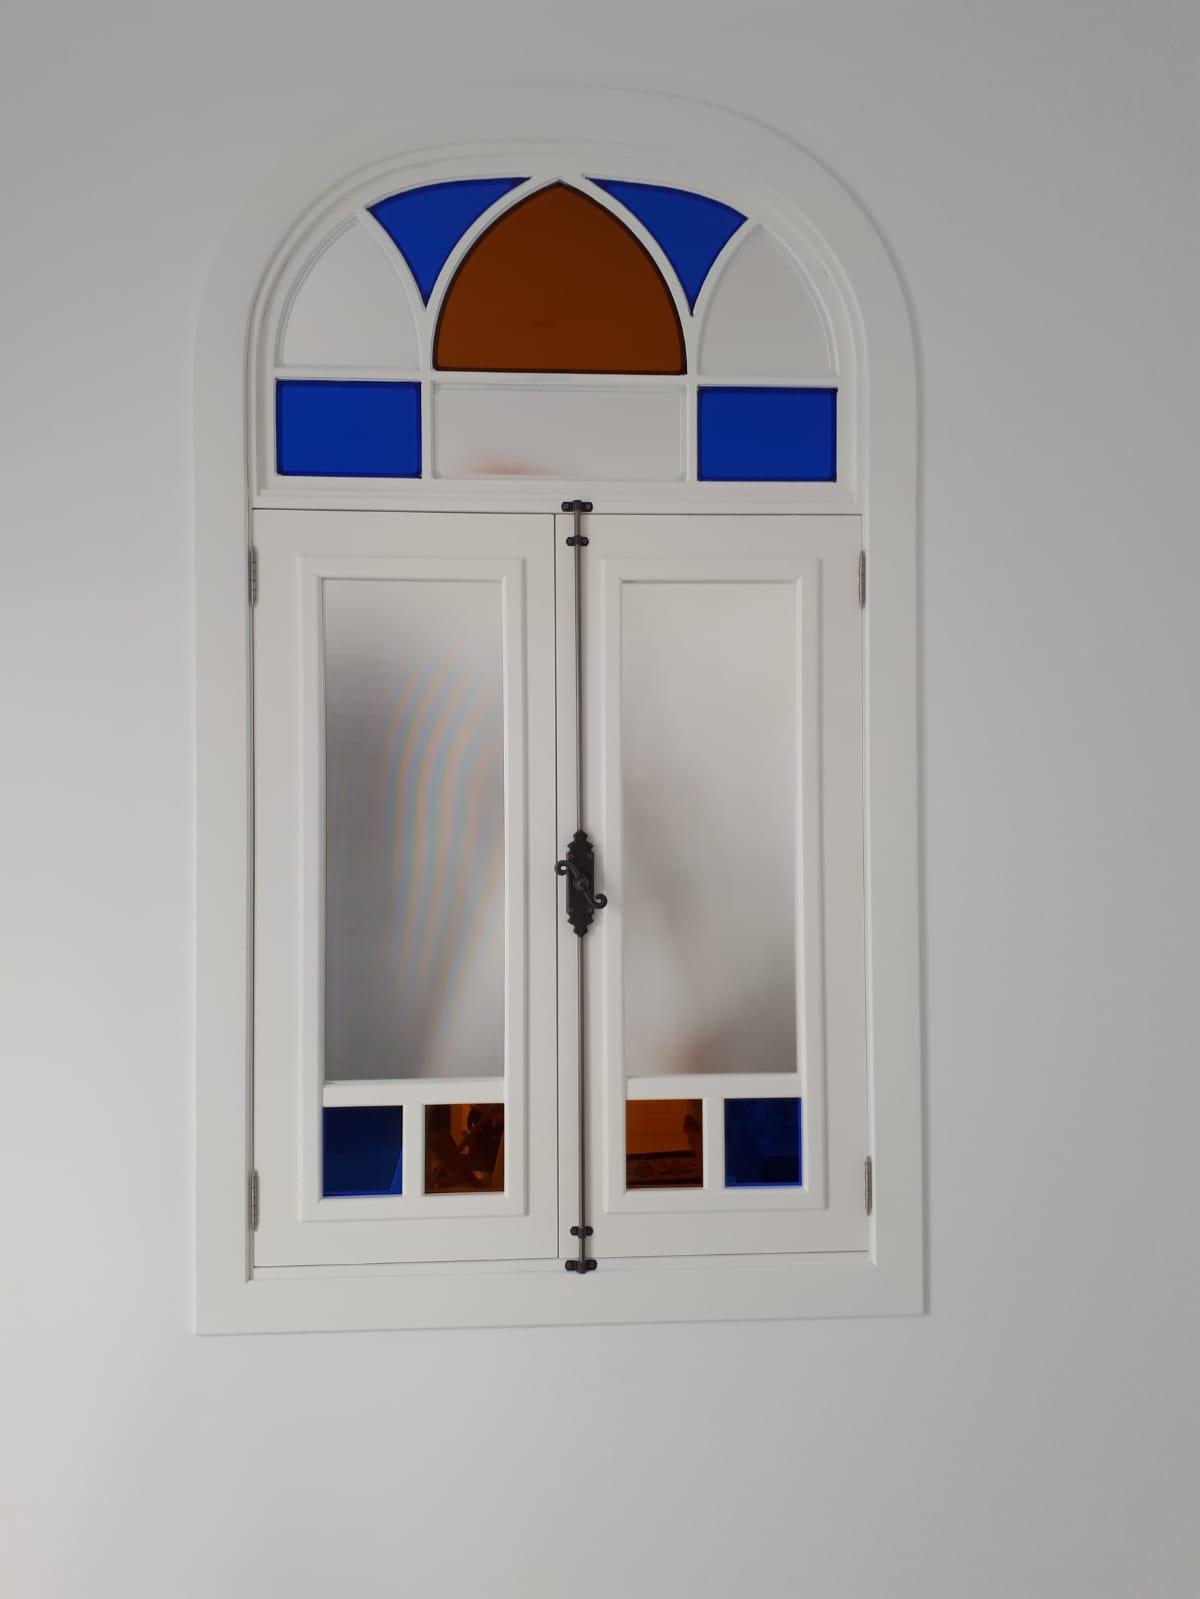 ¡Abre puertas y ventanas!